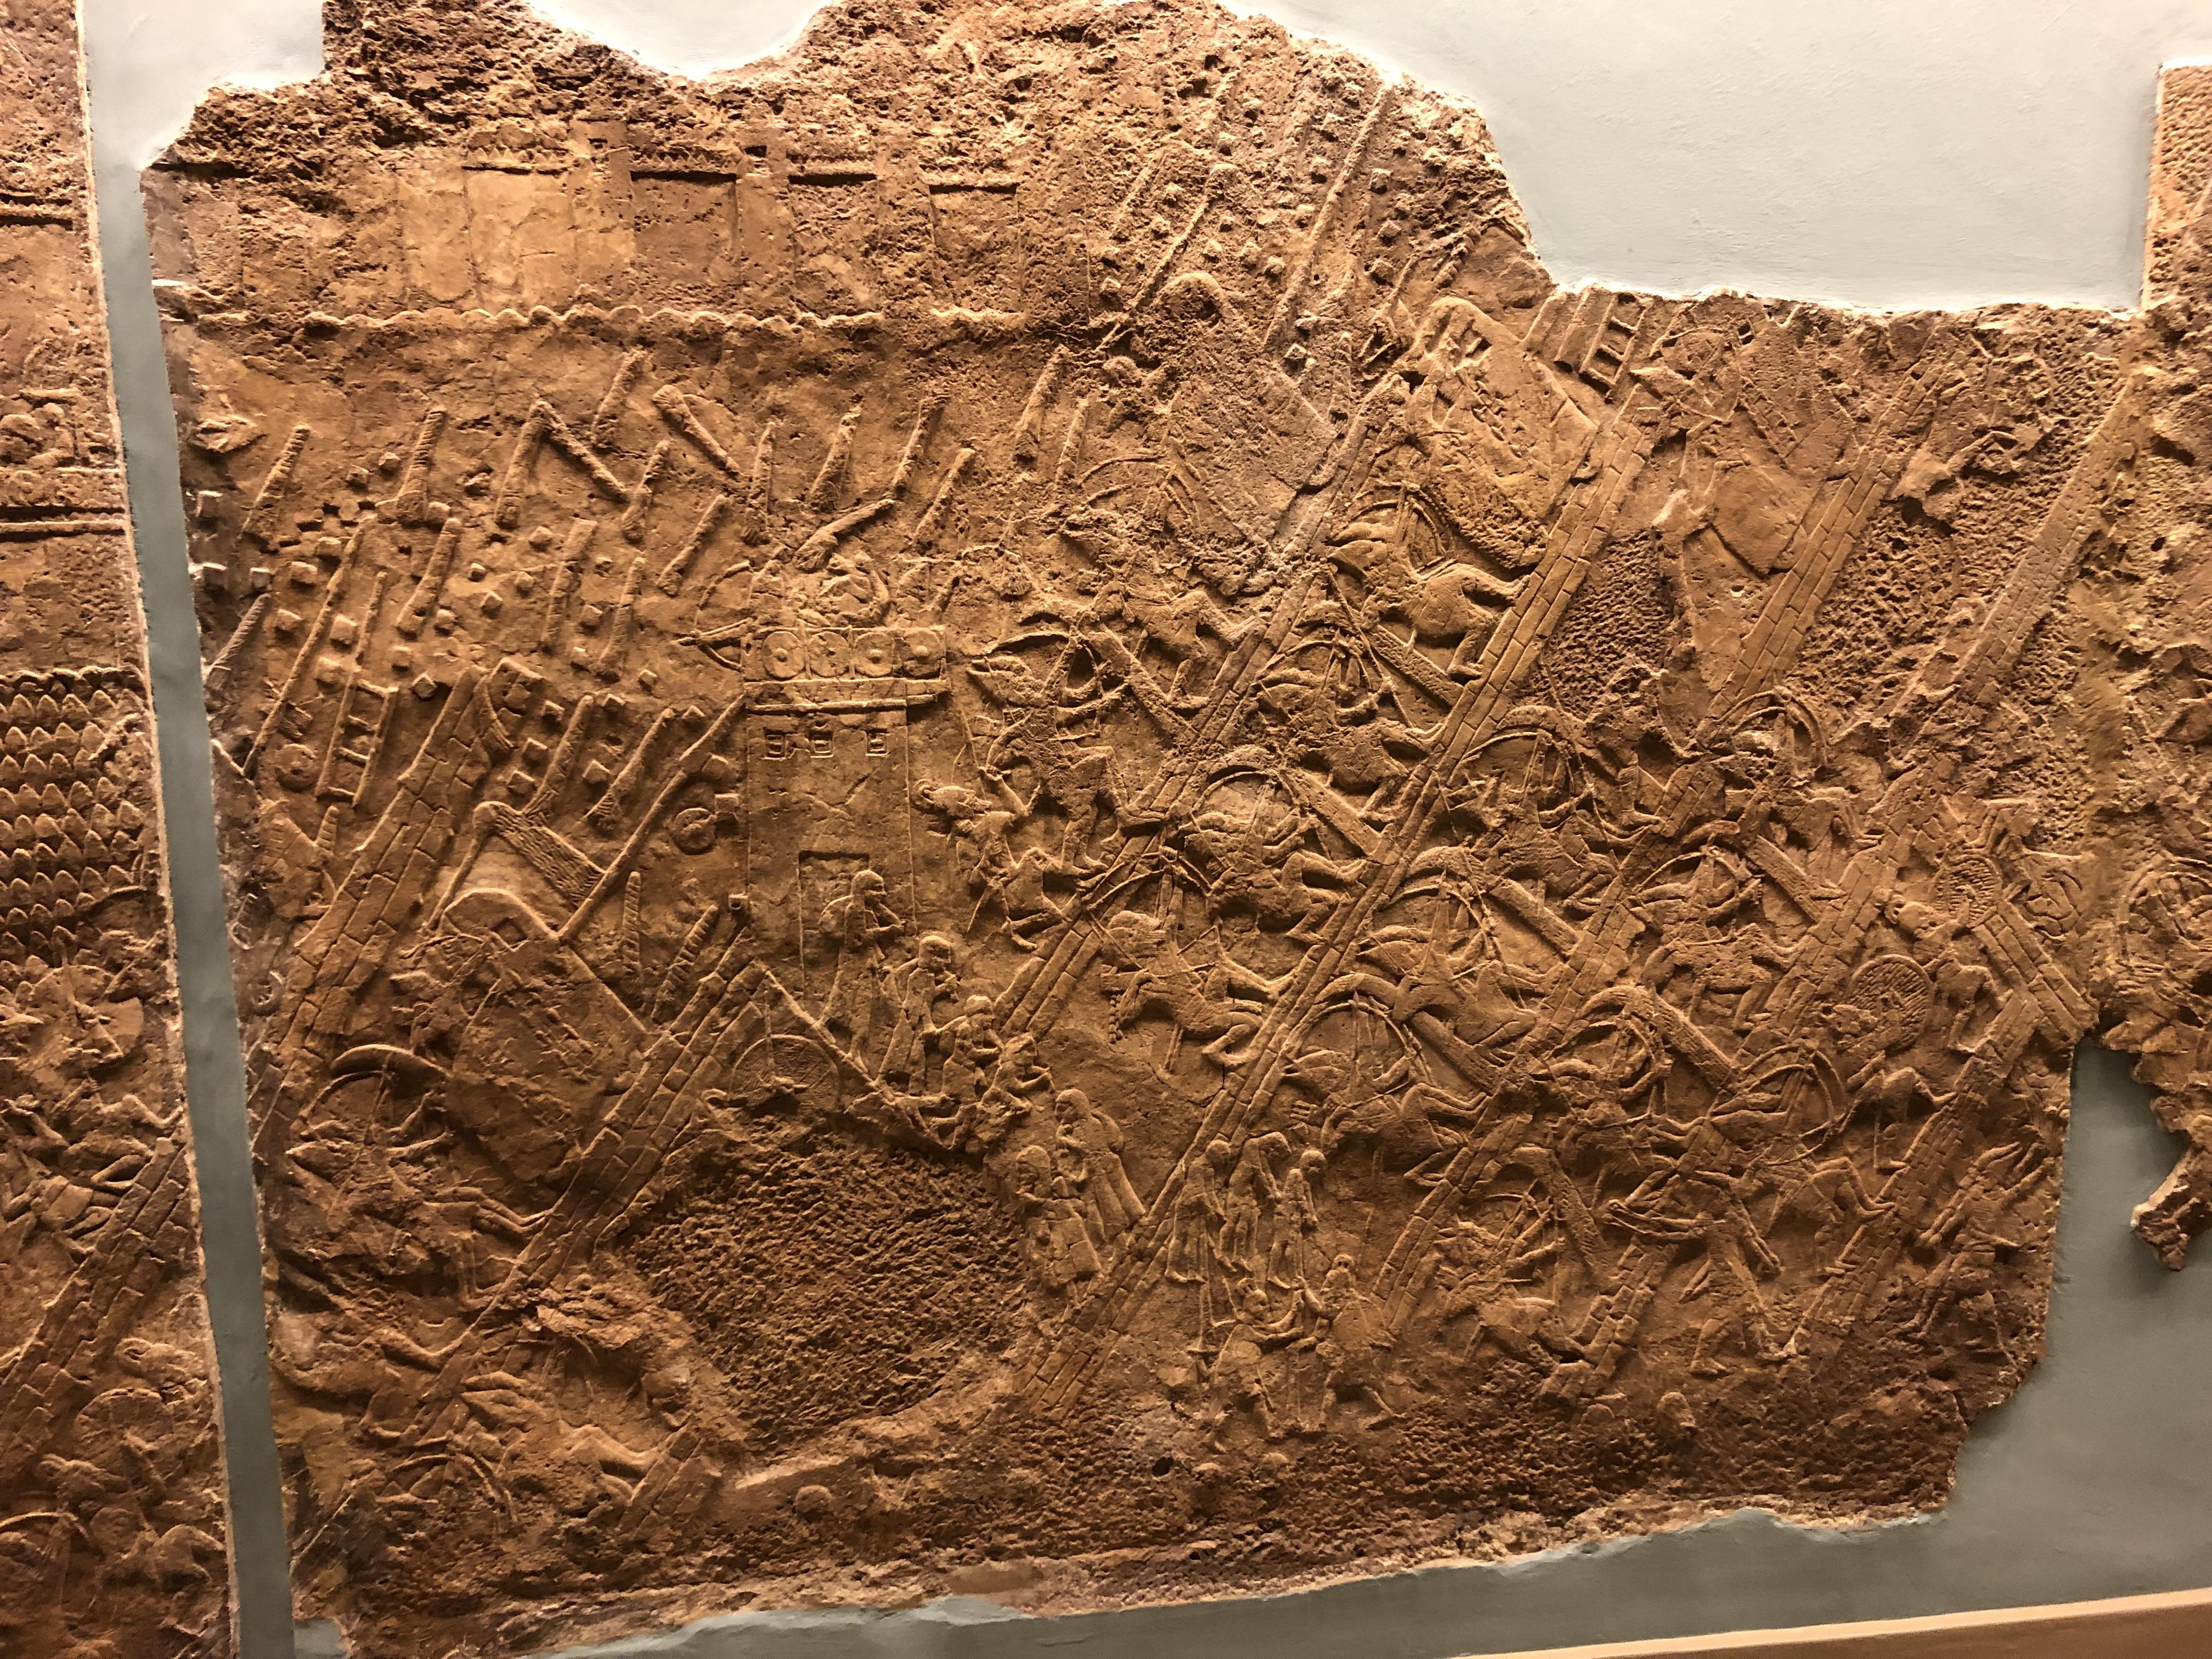 上图:尼尼微出土的拉吉之围(Siege of Lachish)浮雕的一部分,描绘亚述军队攻城的场面。